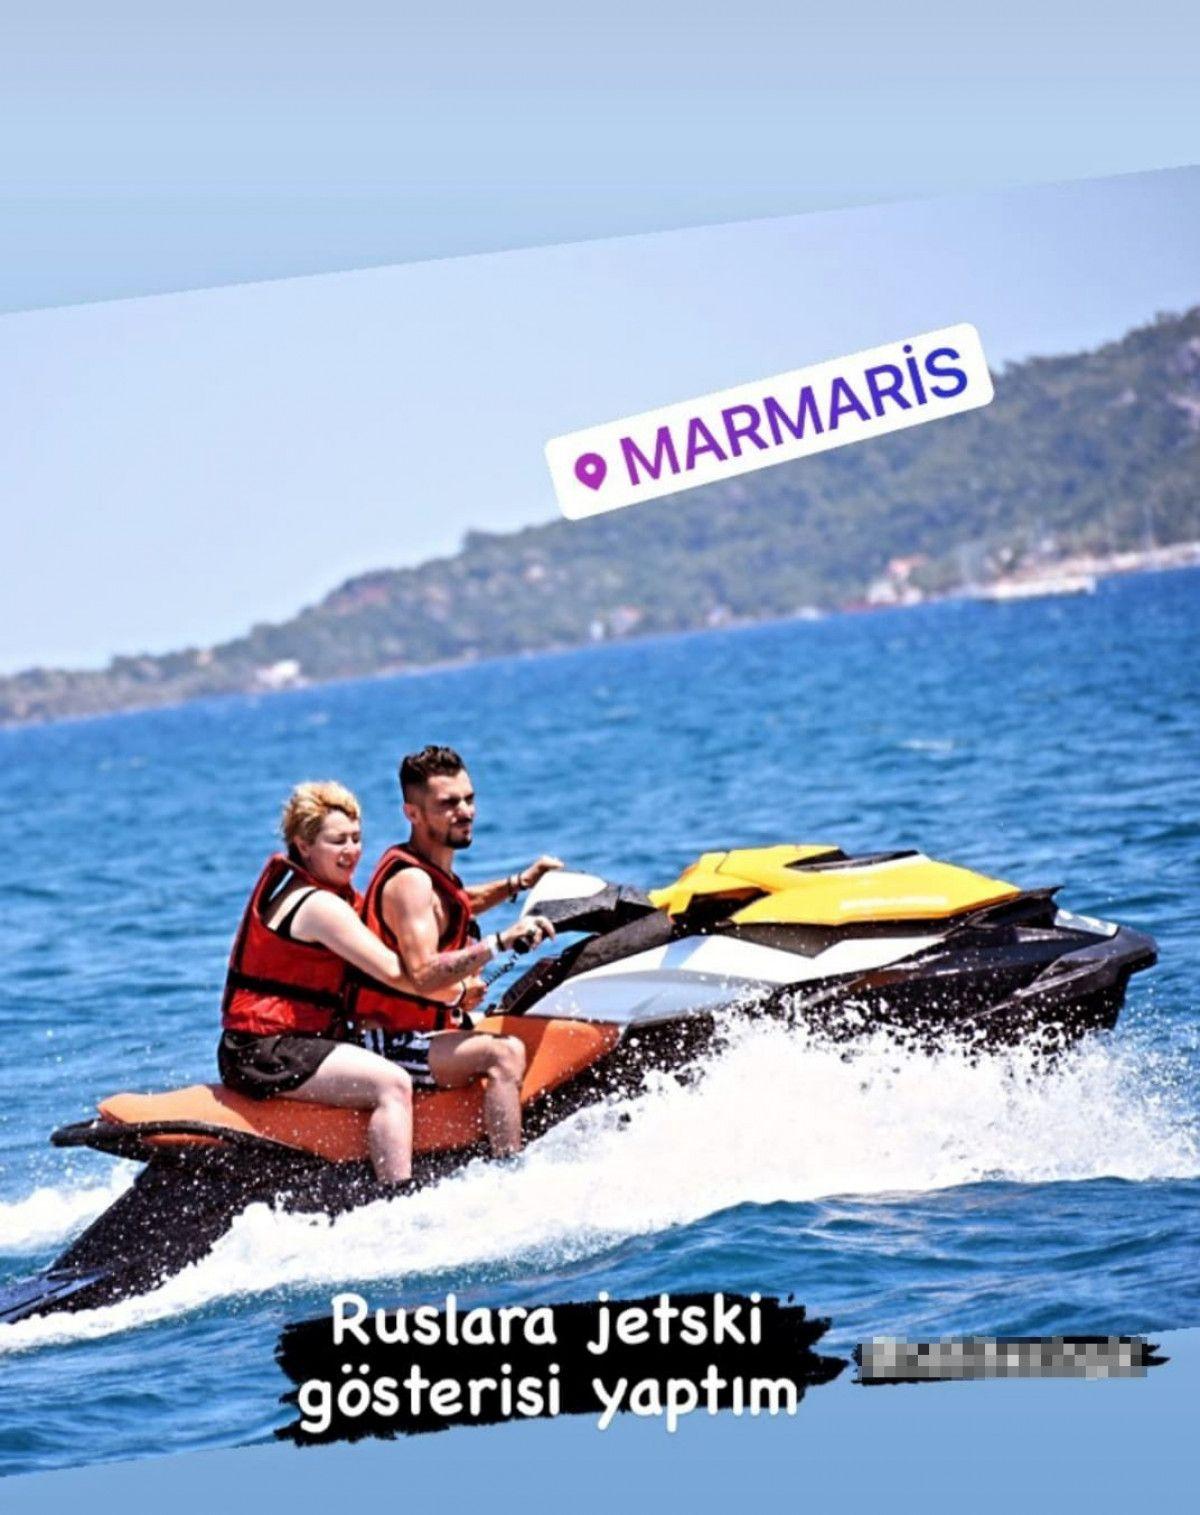 Adana da vatandaşları kredi çektirerek dolandıran çiftin tatil fotoğrafları ortaya çıktı #3